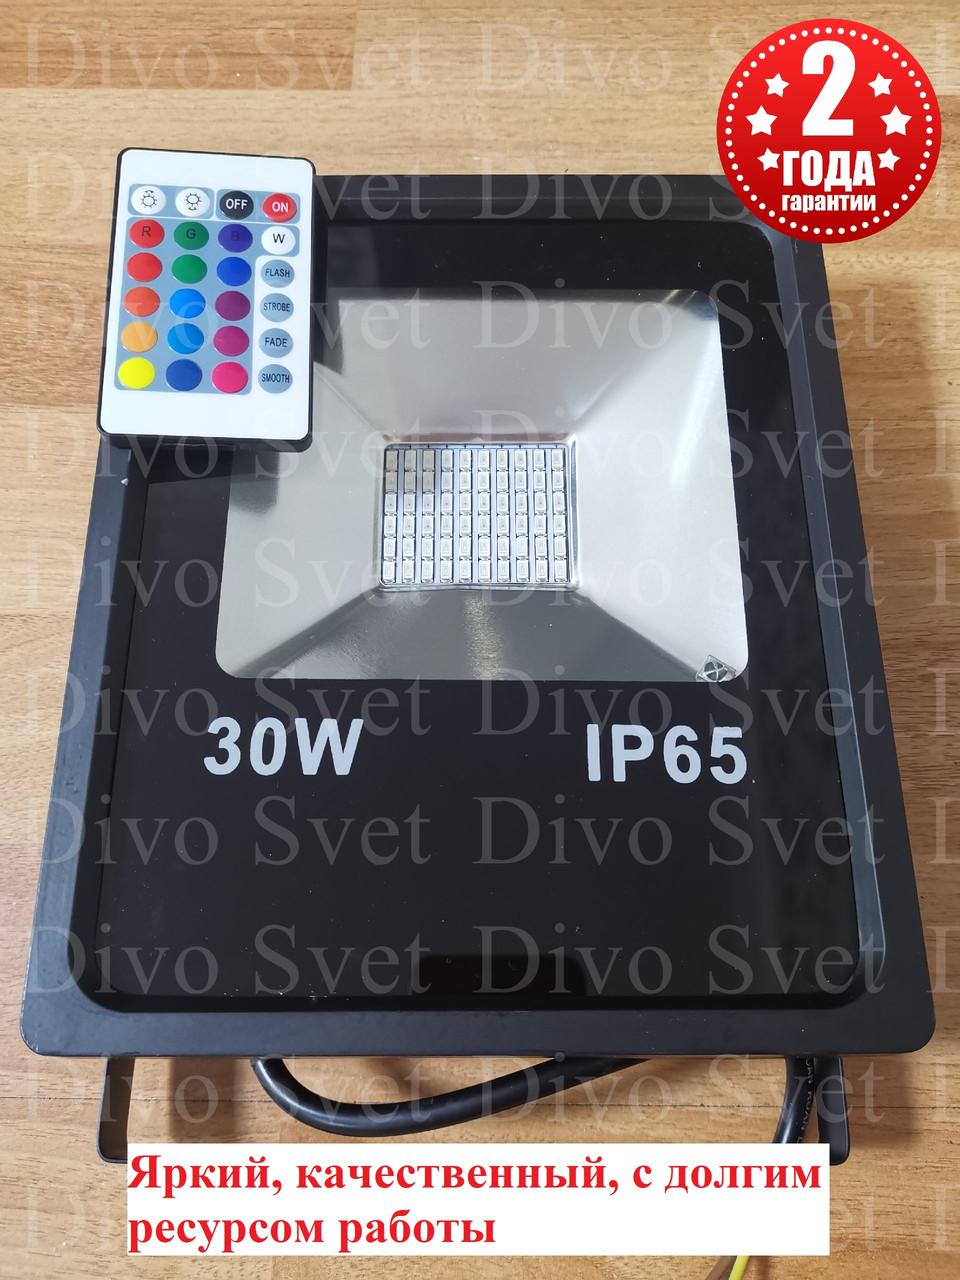 LED прожектор RGB 30W Оригинал. Цветные светодиодные прожекторы для подсветки РГБ 30 Вт, с пультом управления